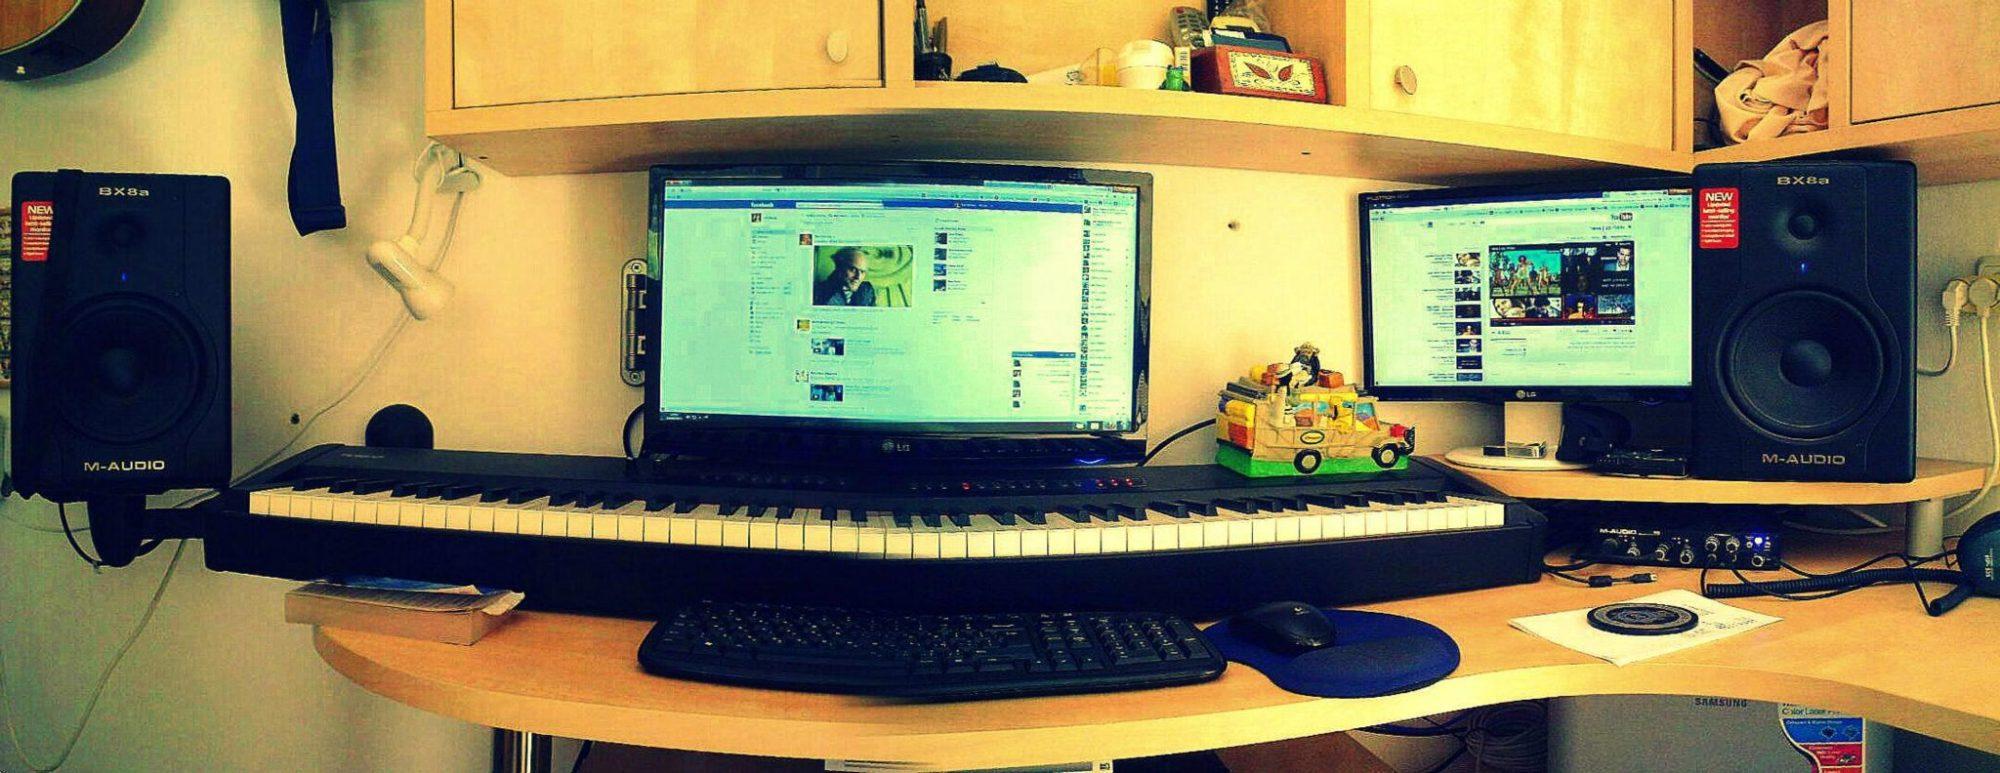 שם השולח: טל שירן. עולם המוזיקה. כיום, ניתן ליצור מוזיקה בעזרת מחשב חזק, כרטיס קול ומוניטורים איכותיים בלבד. המוזיקה של אז ושל היום אולי ישמעו דומה, אך מאחורי הקלעים הטכנולוגיה הקשורה במוזיקה עשתה מהפך והכניסה את כלל הציוד והאפקטים אל תוך המחשב.